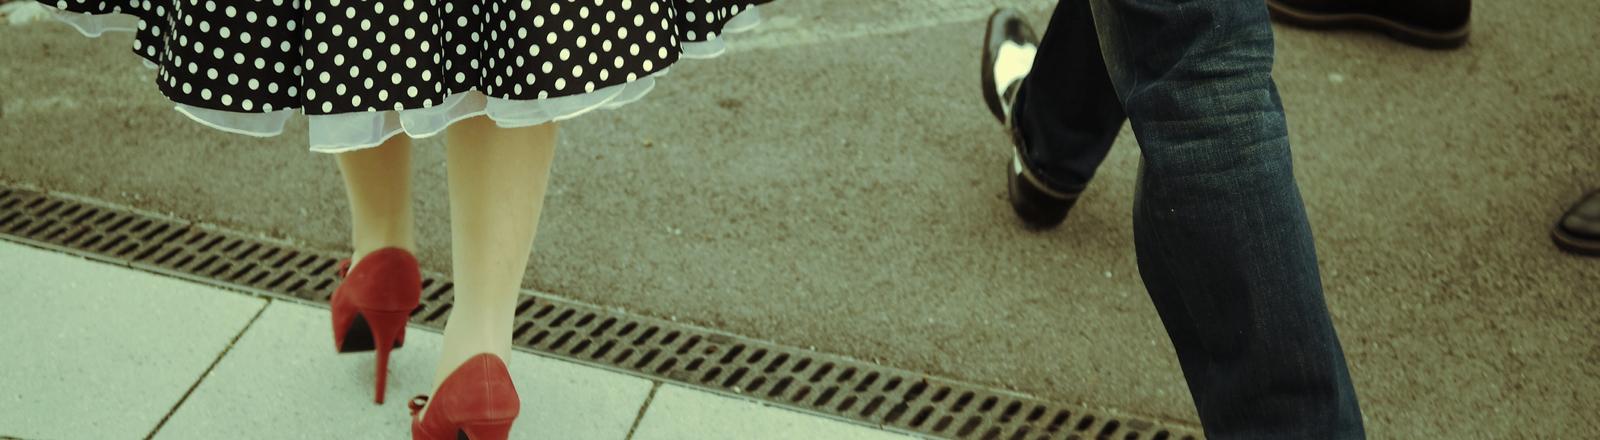 Füße in Pumps und schicken Schnürschuhen.